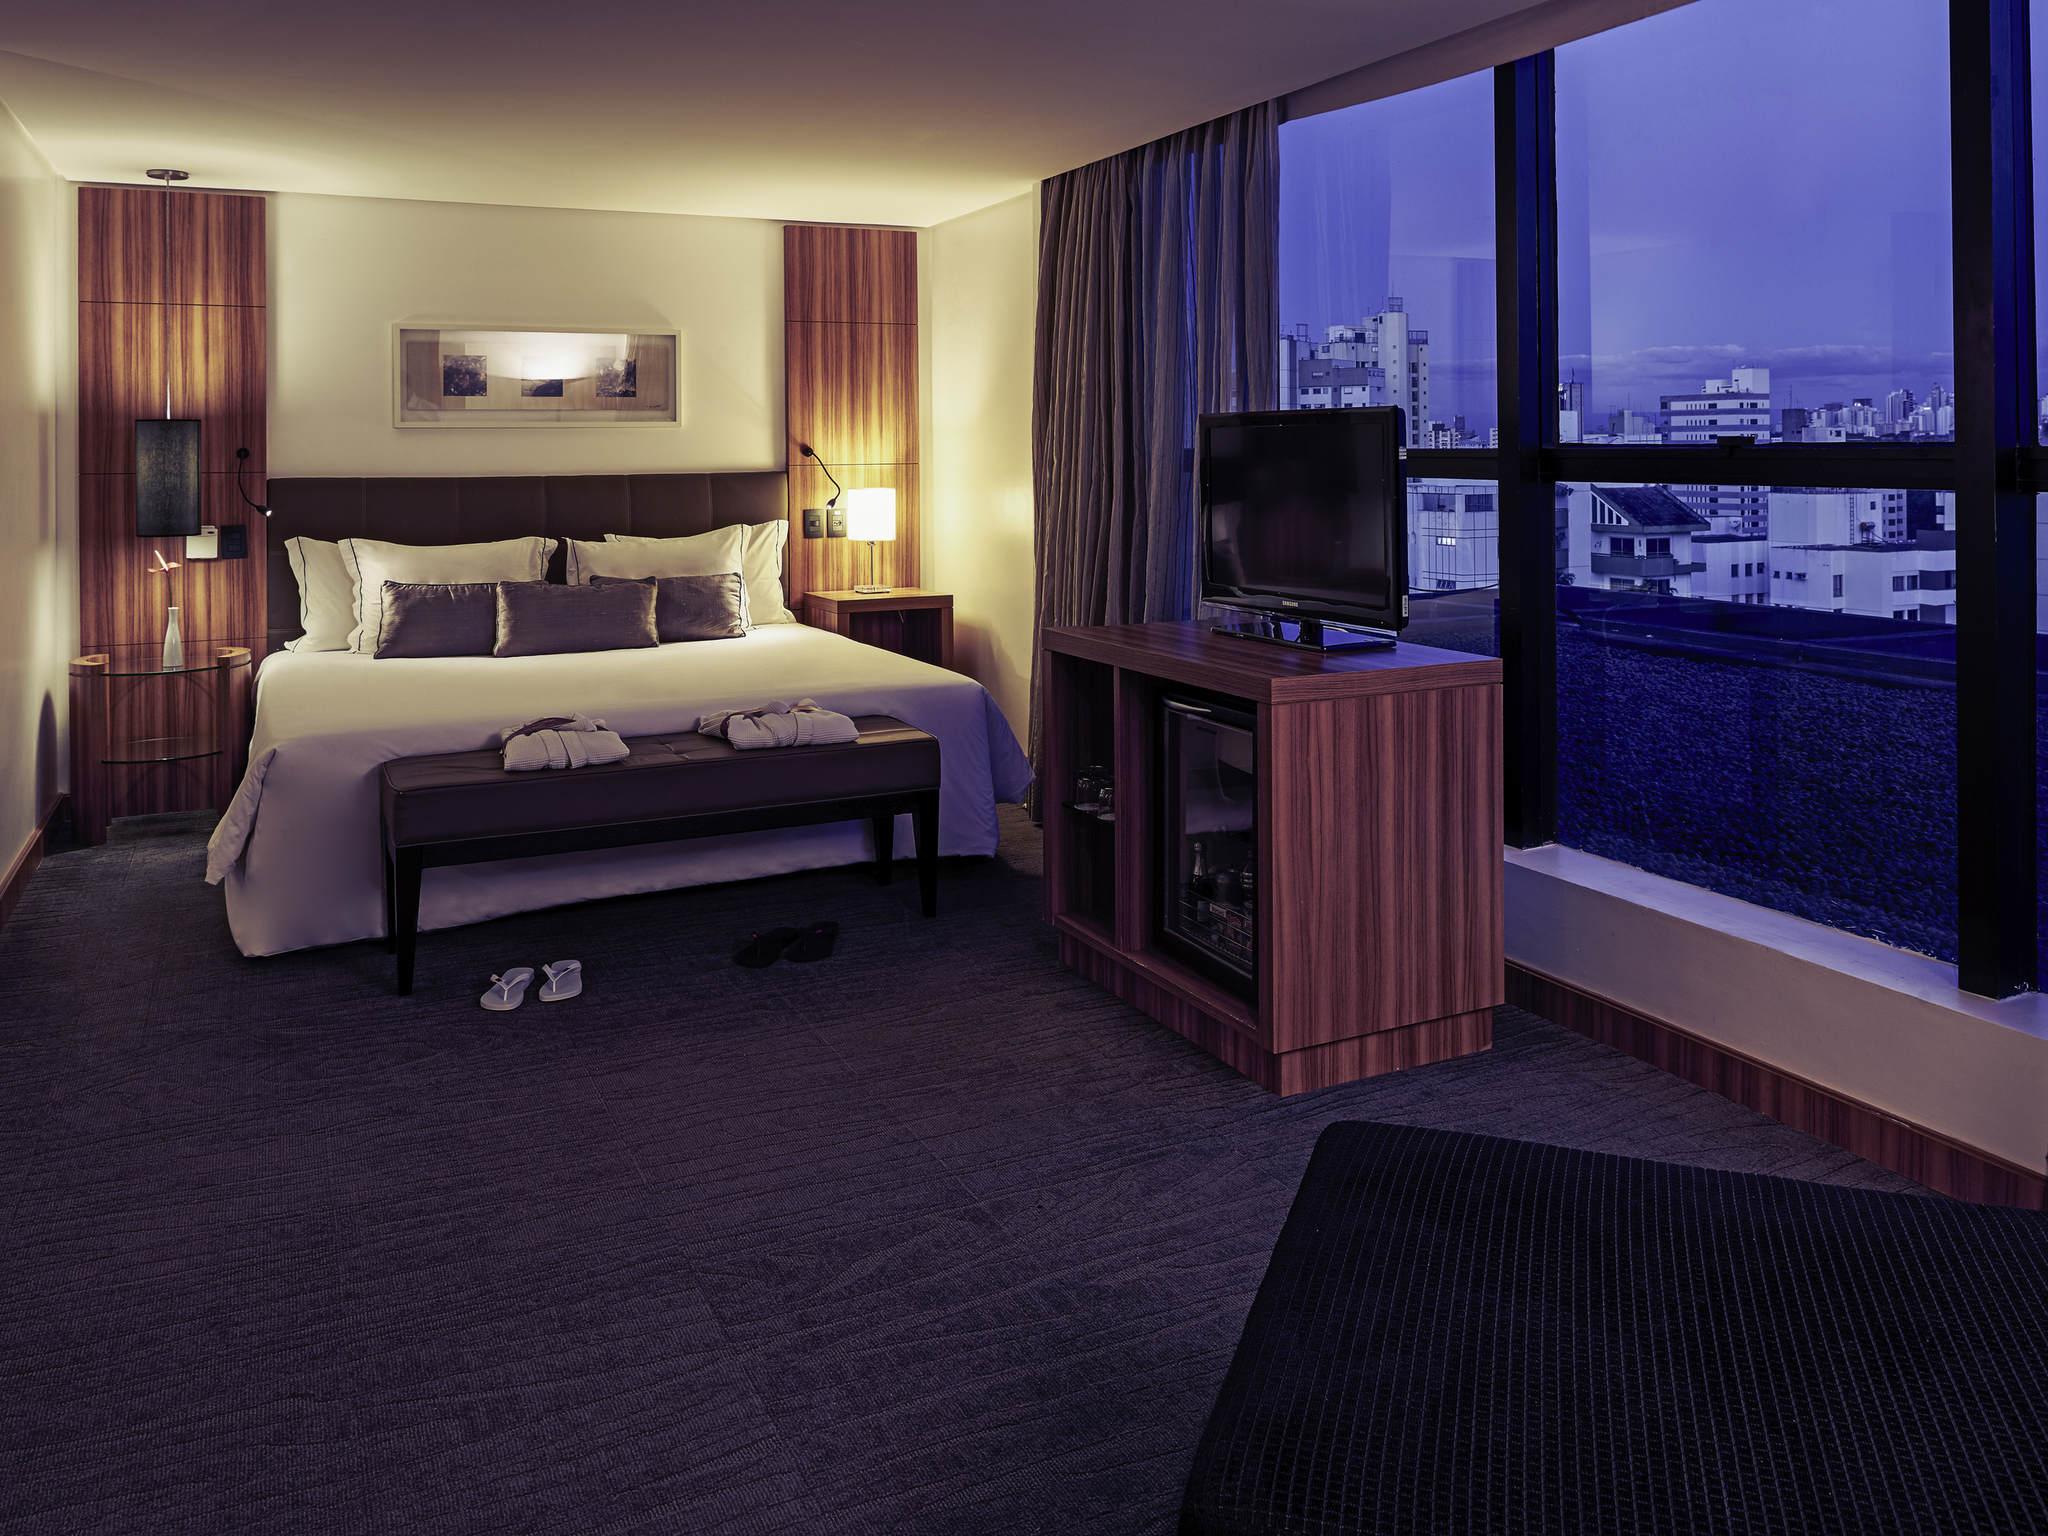 Otel – Mercure Goiania Hotel